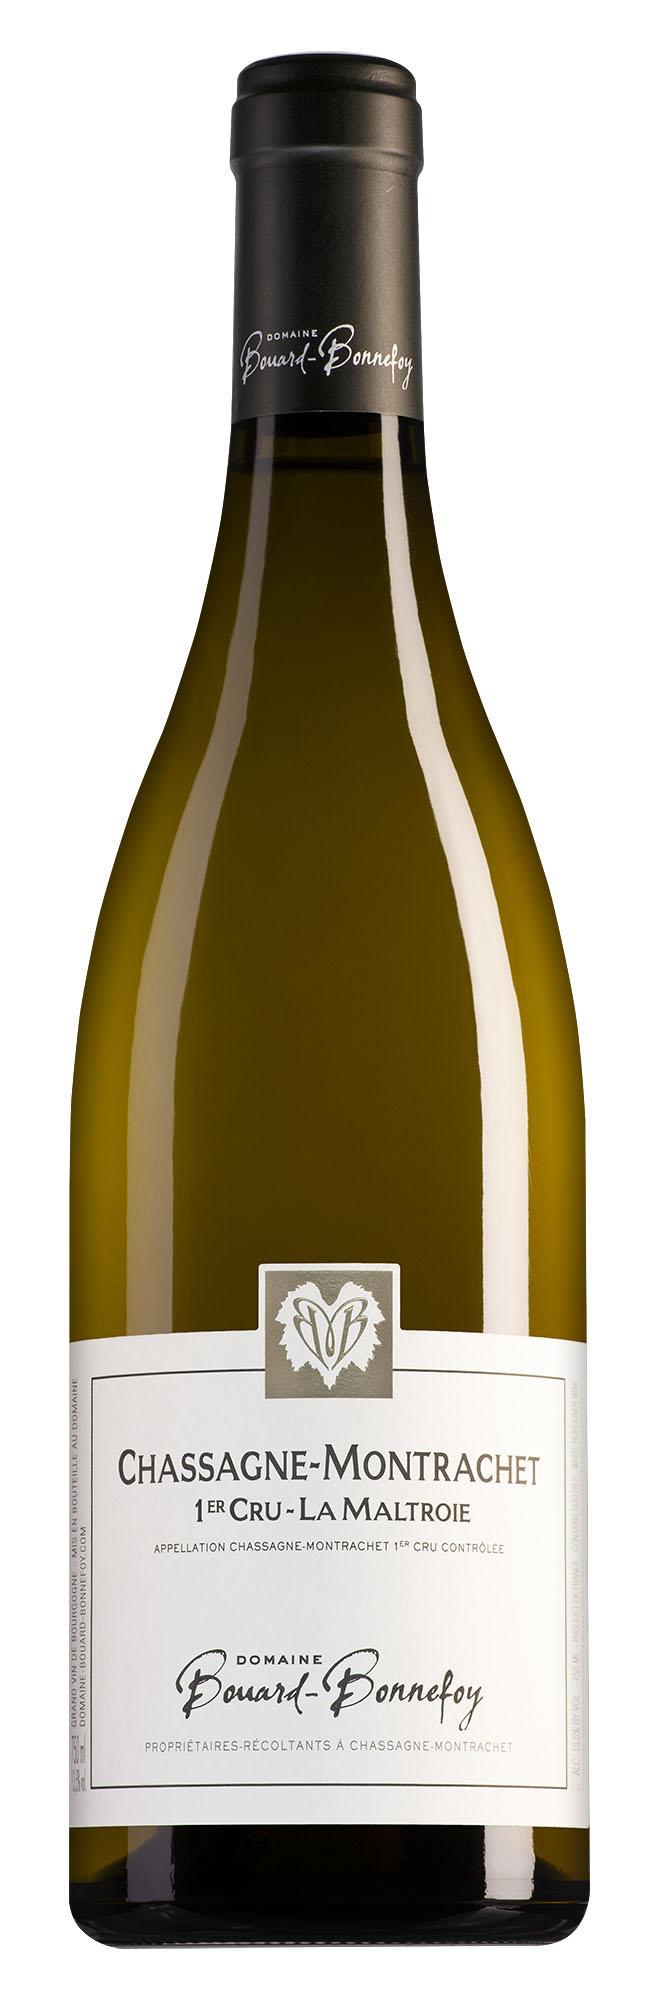 Domaine Bouard-Bonnefoy Chassagne-Montrachet 1er cru La Maltroie